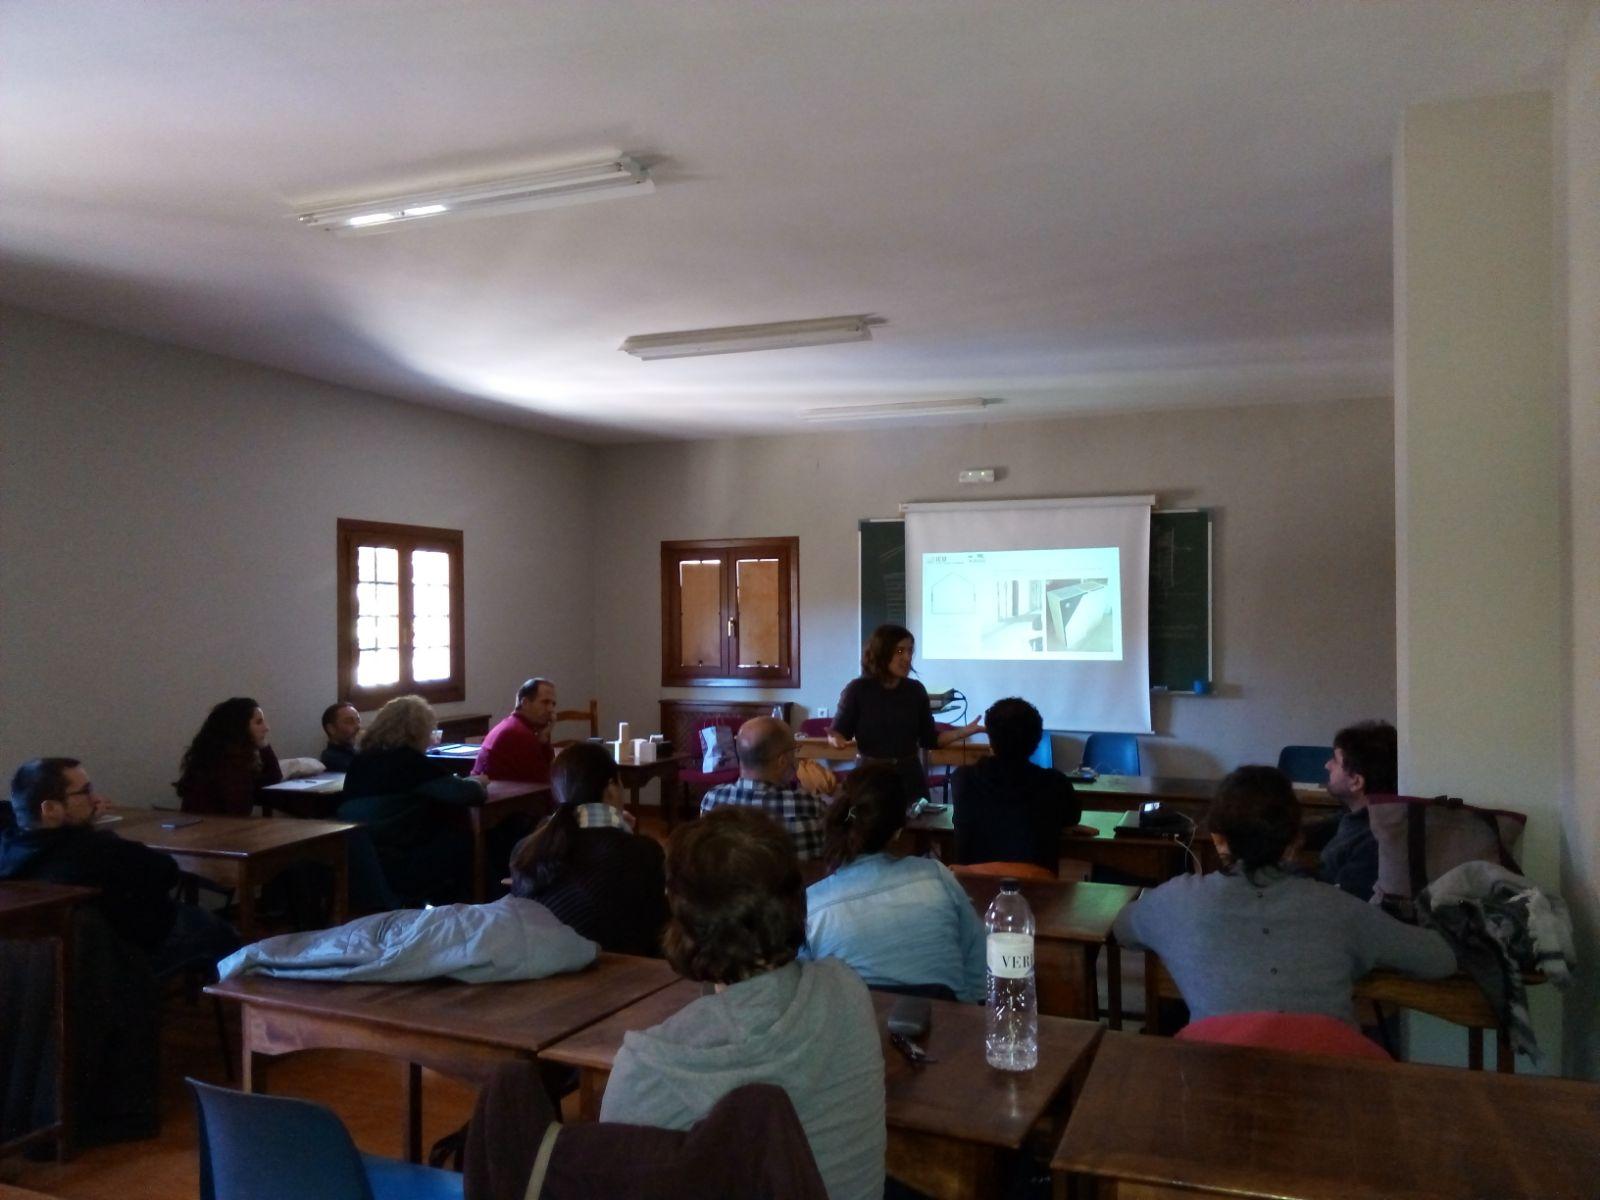 foto noticia: Kursaal Green en el VI encuentro de alumnado de Máster de Bioconstrucción IEB